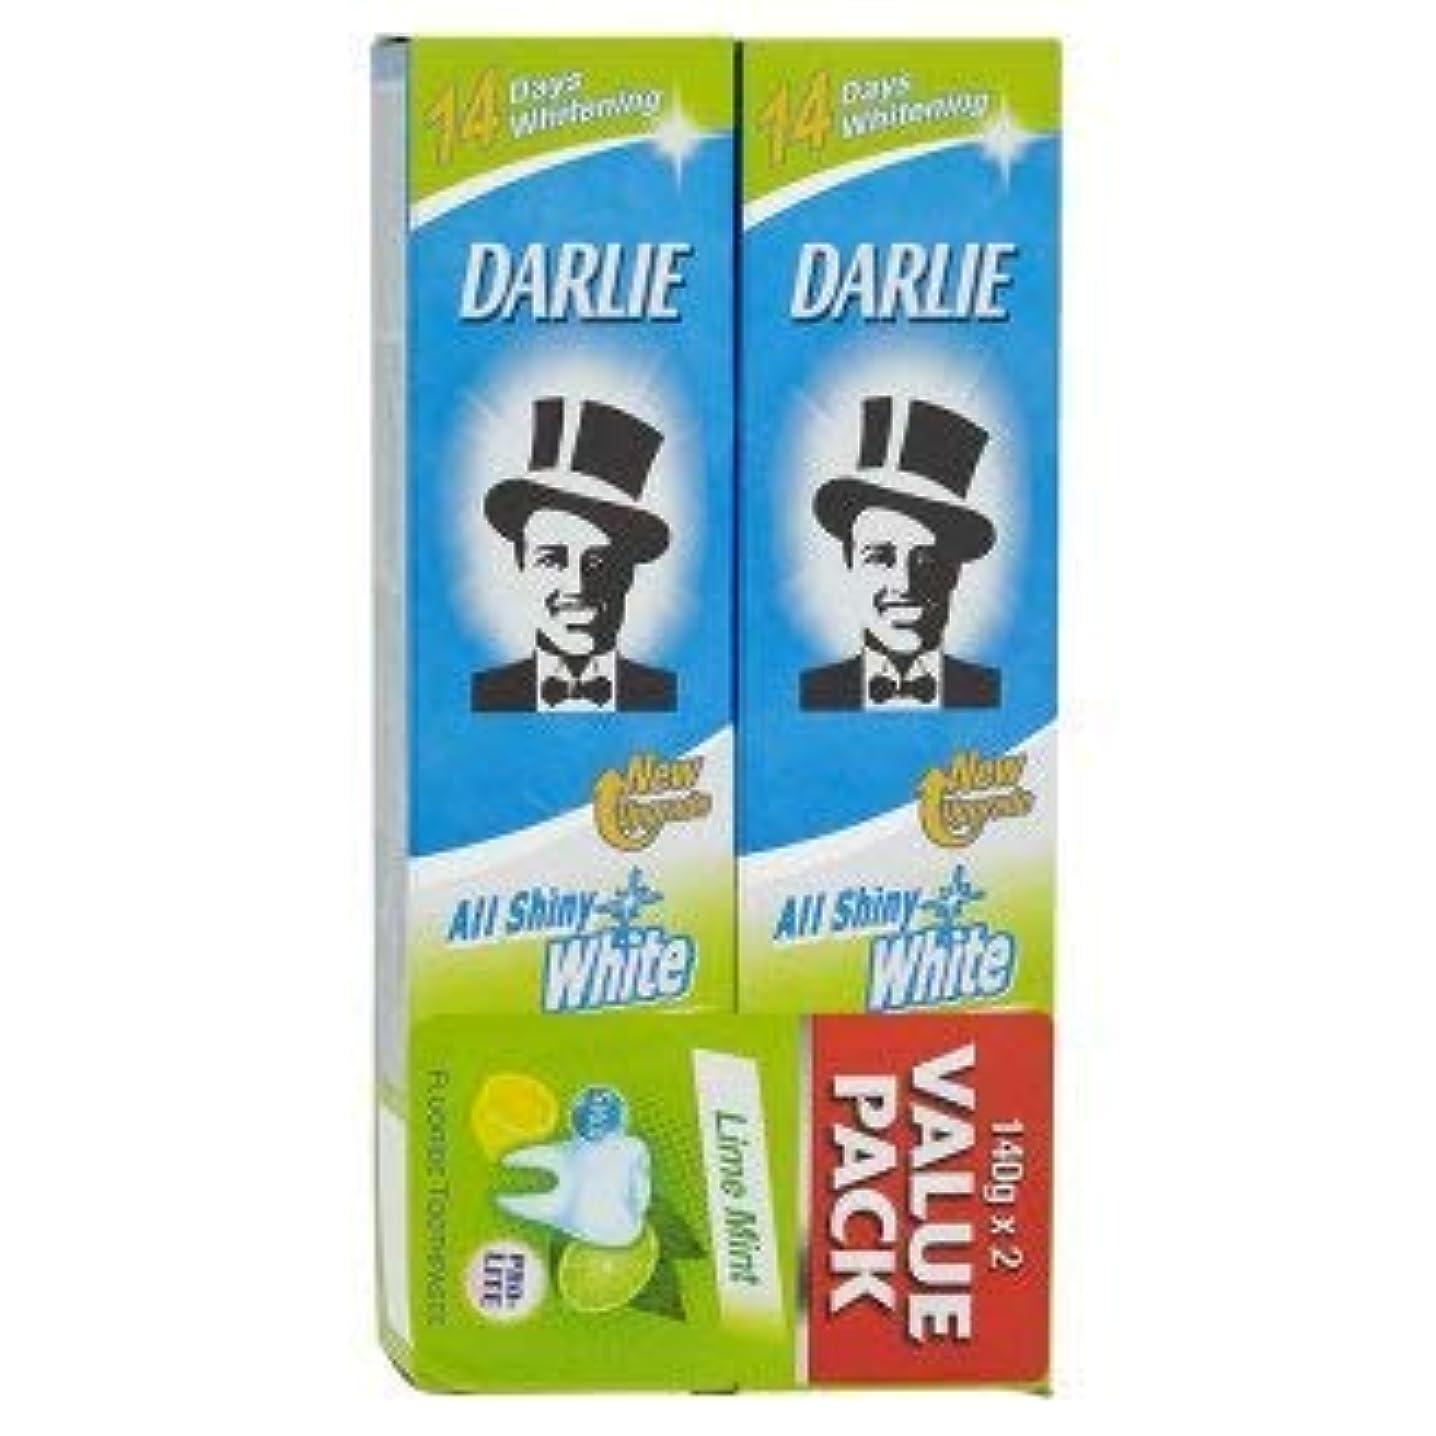 背の高い外部領域DARLIE 2つの電力可溶性汚れや緩やかな歯のホワイトニングを提供する新しいデュアルホワイトニングシステム - 全光沢のある白ライムミント140グラム値パックX2を歯磨き粉